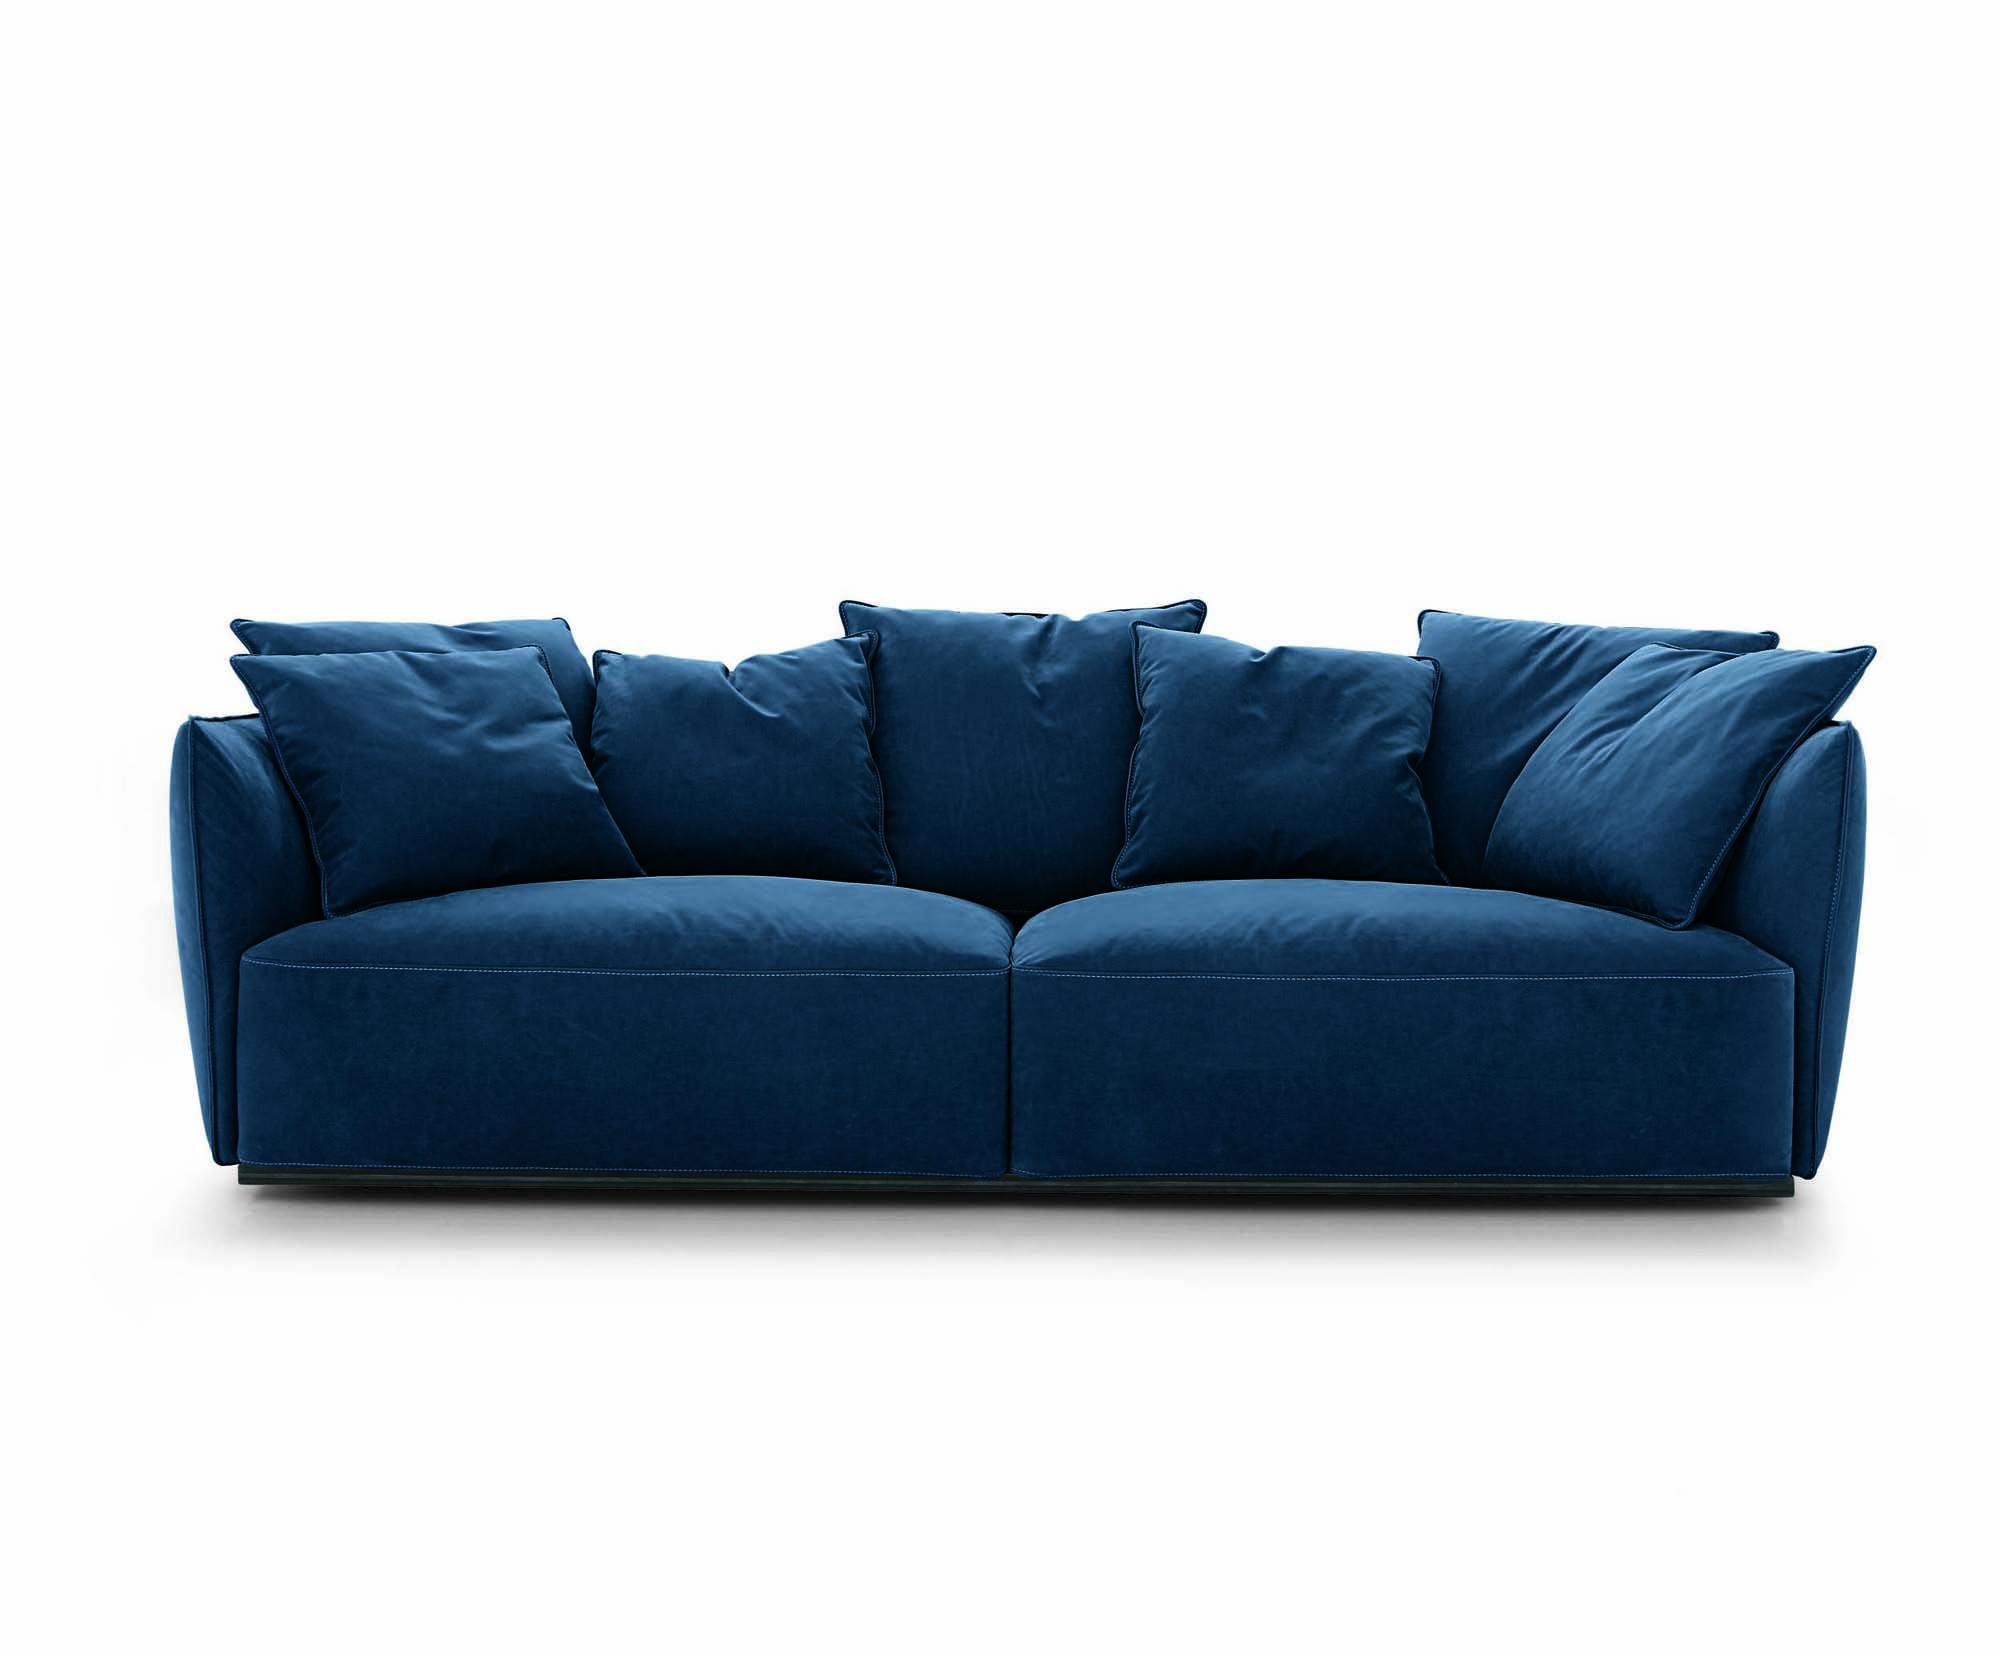 Divani blu cose di casa - Divano letto mercatone uno 99 euro ...